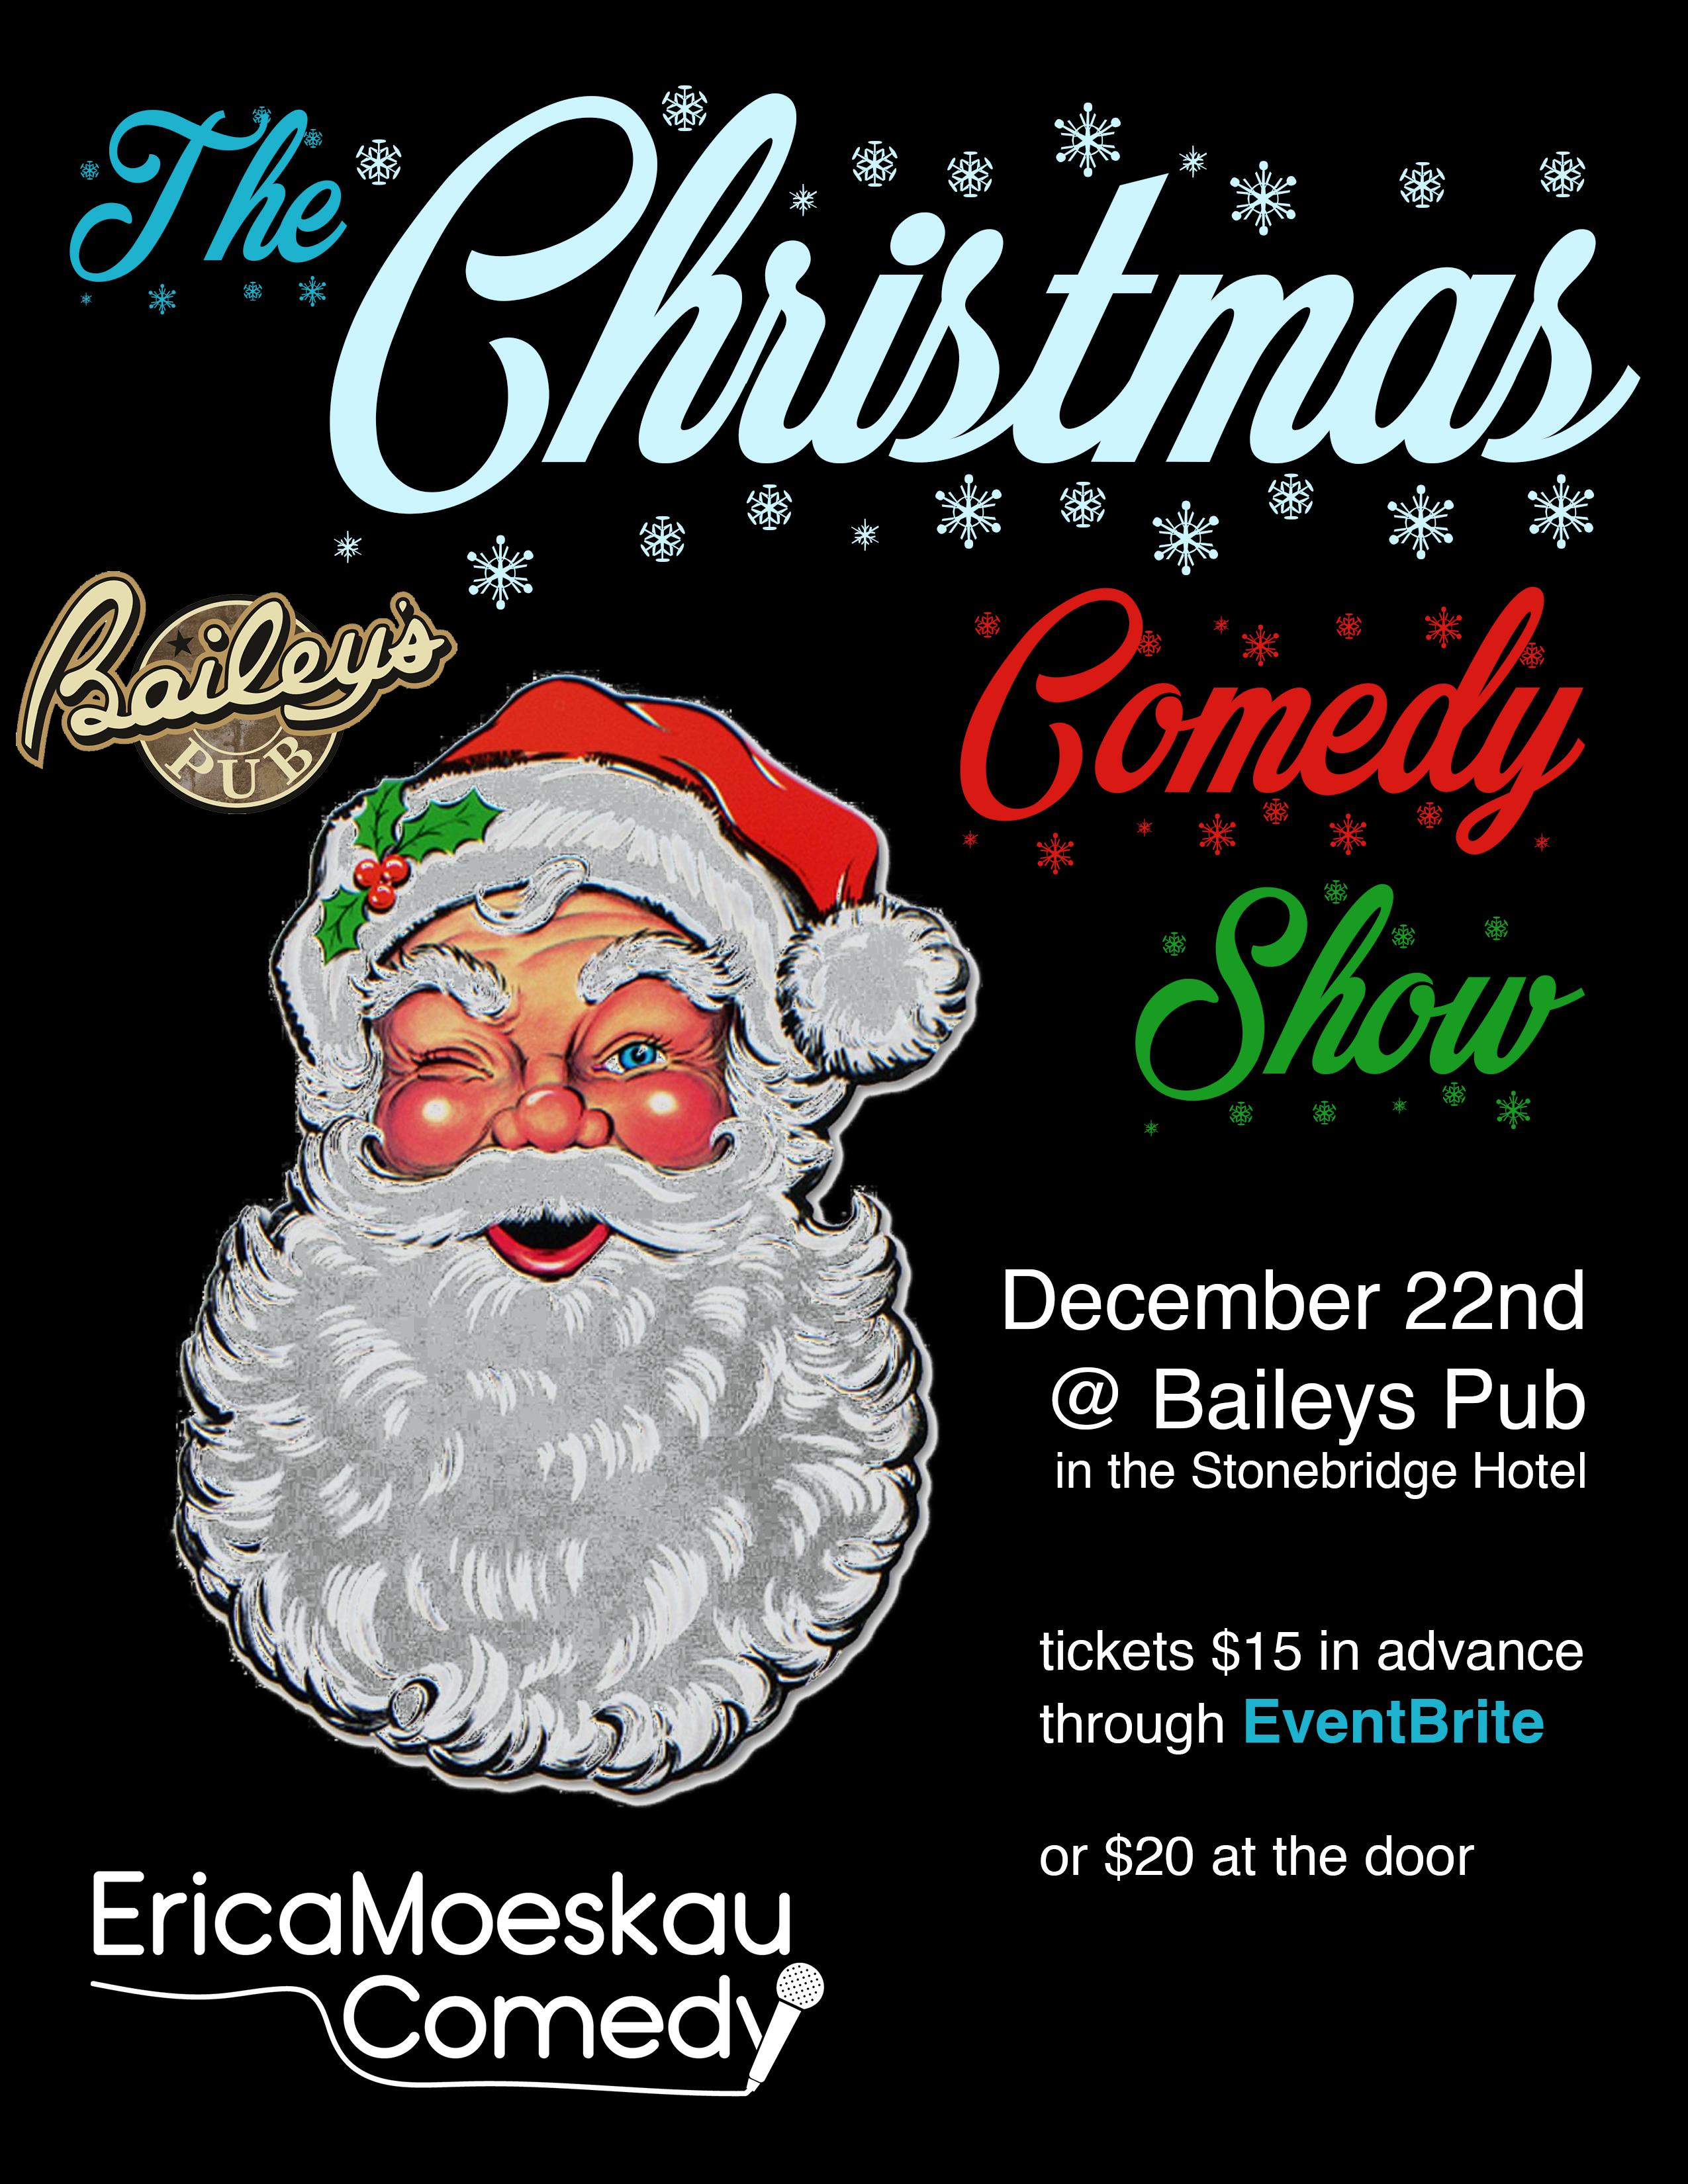 Christmas Comedy Poster